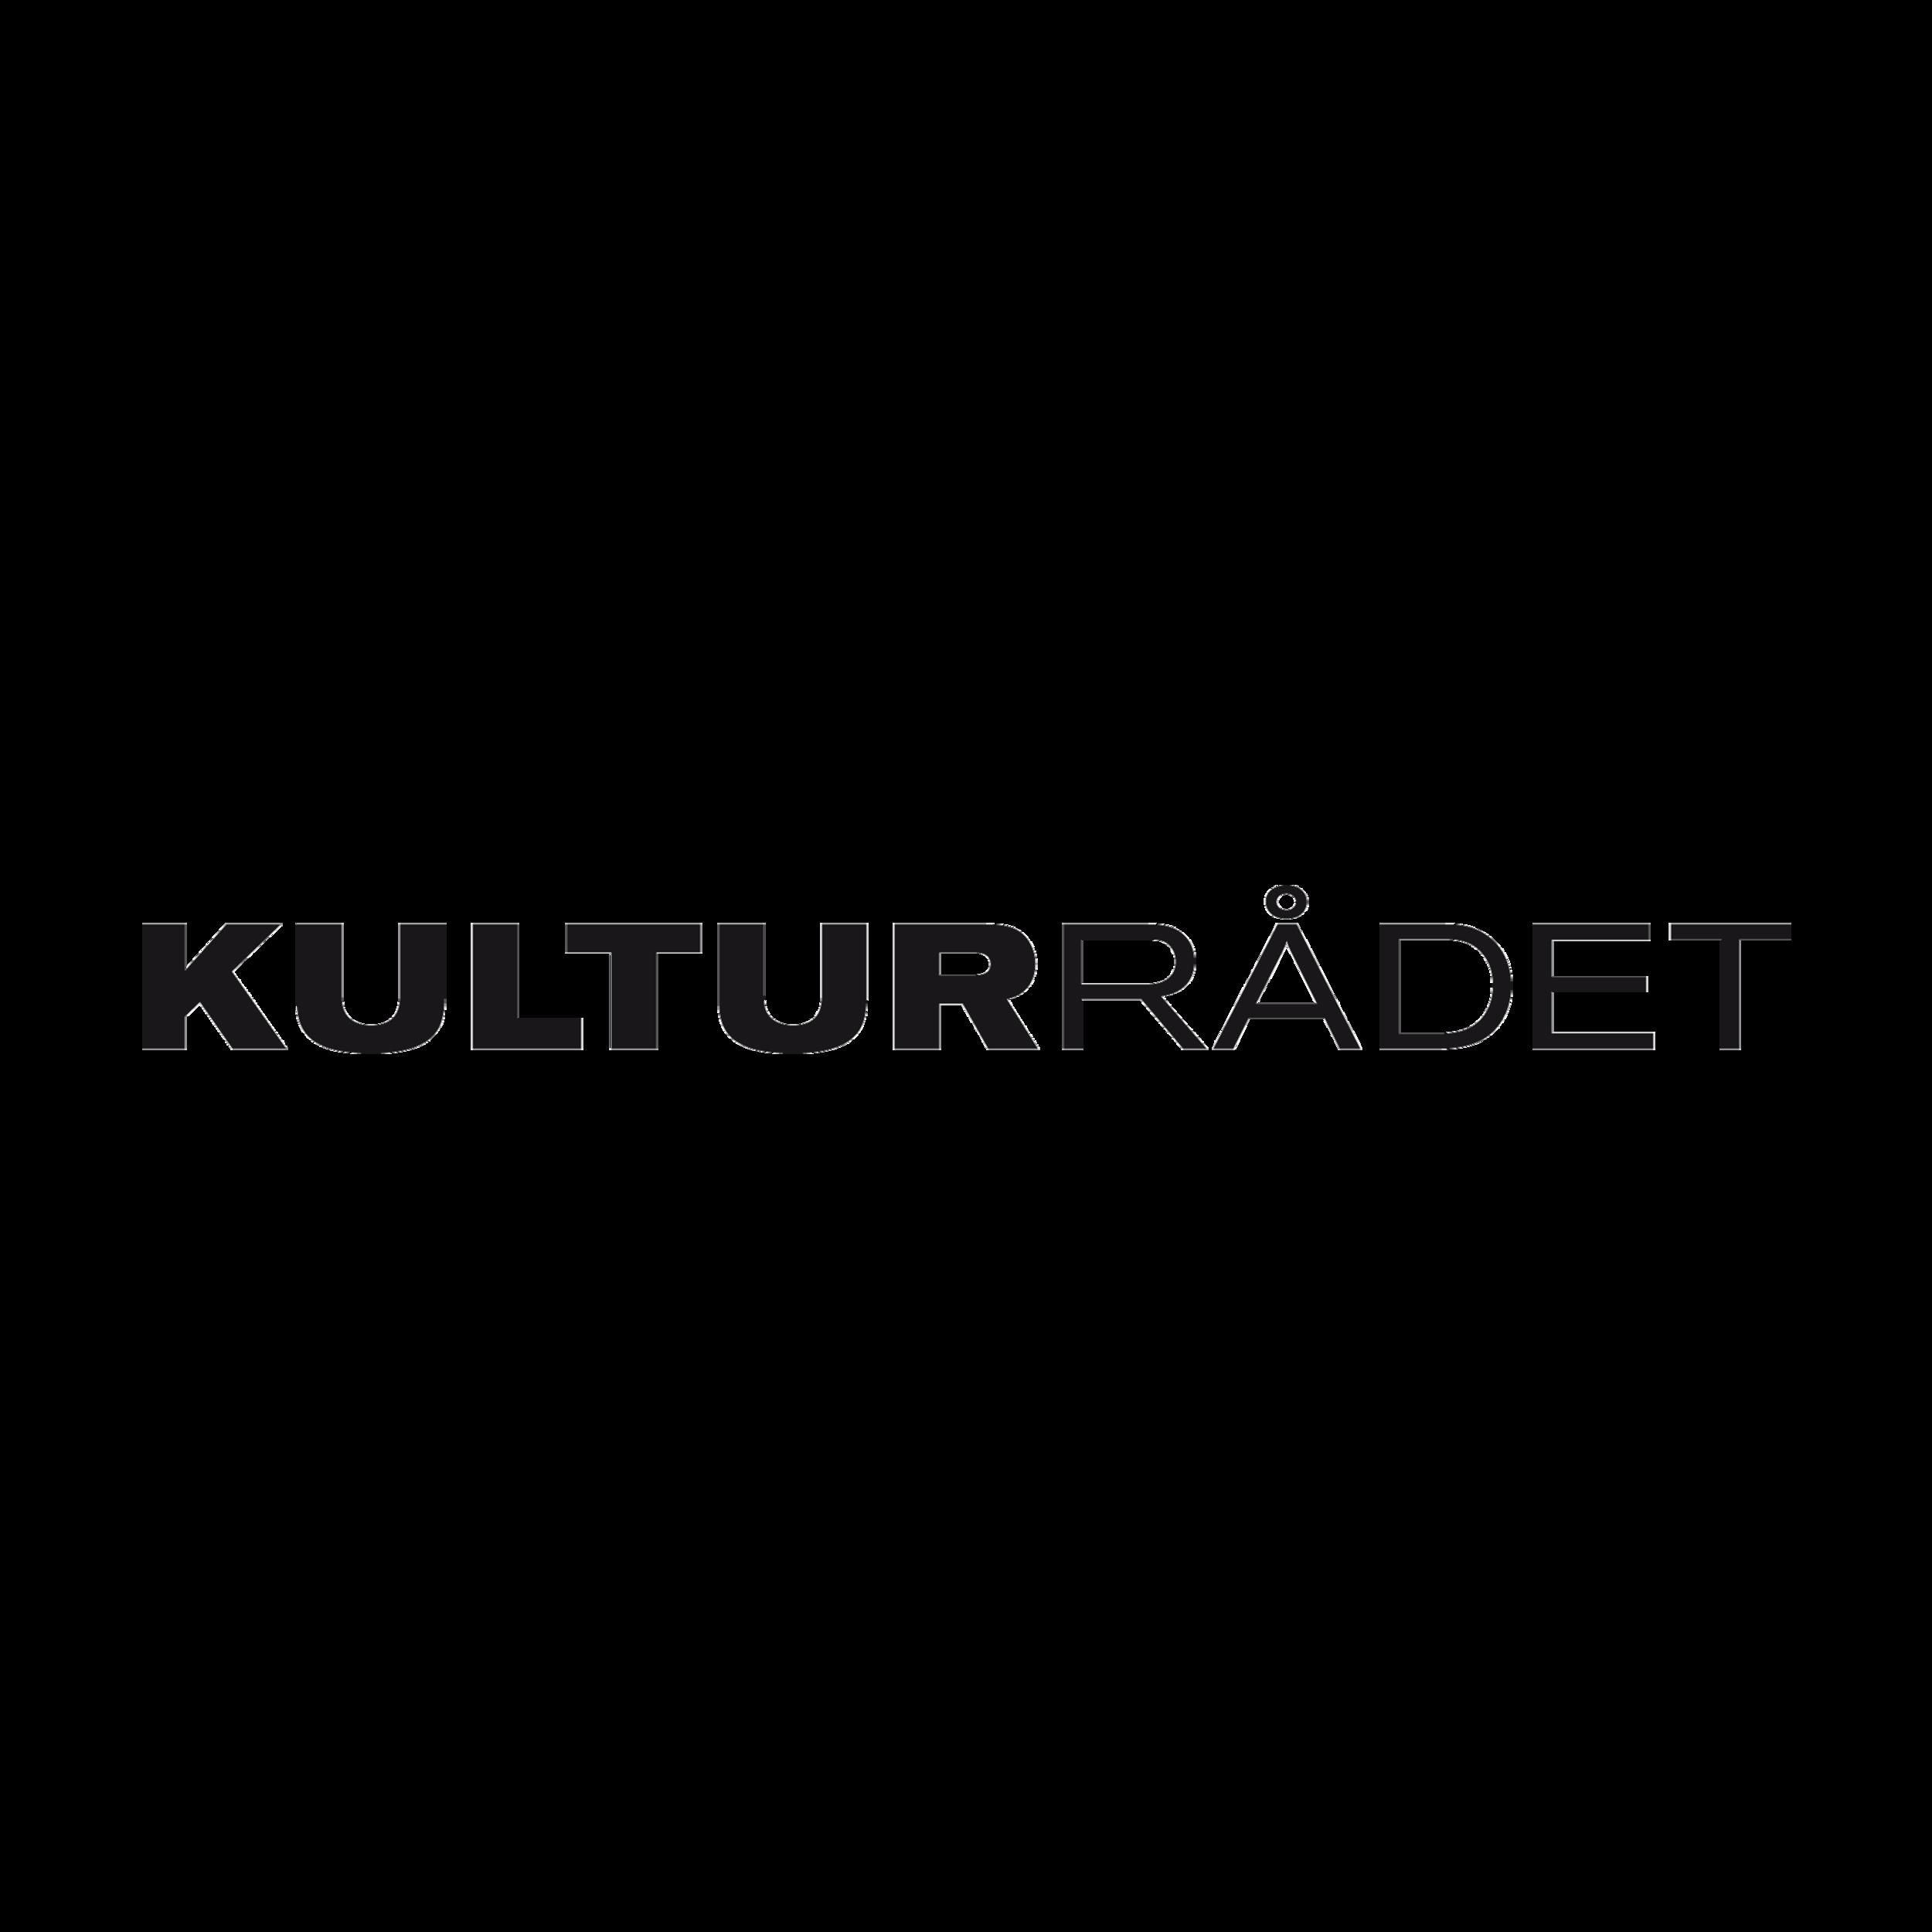 kulturradet.png